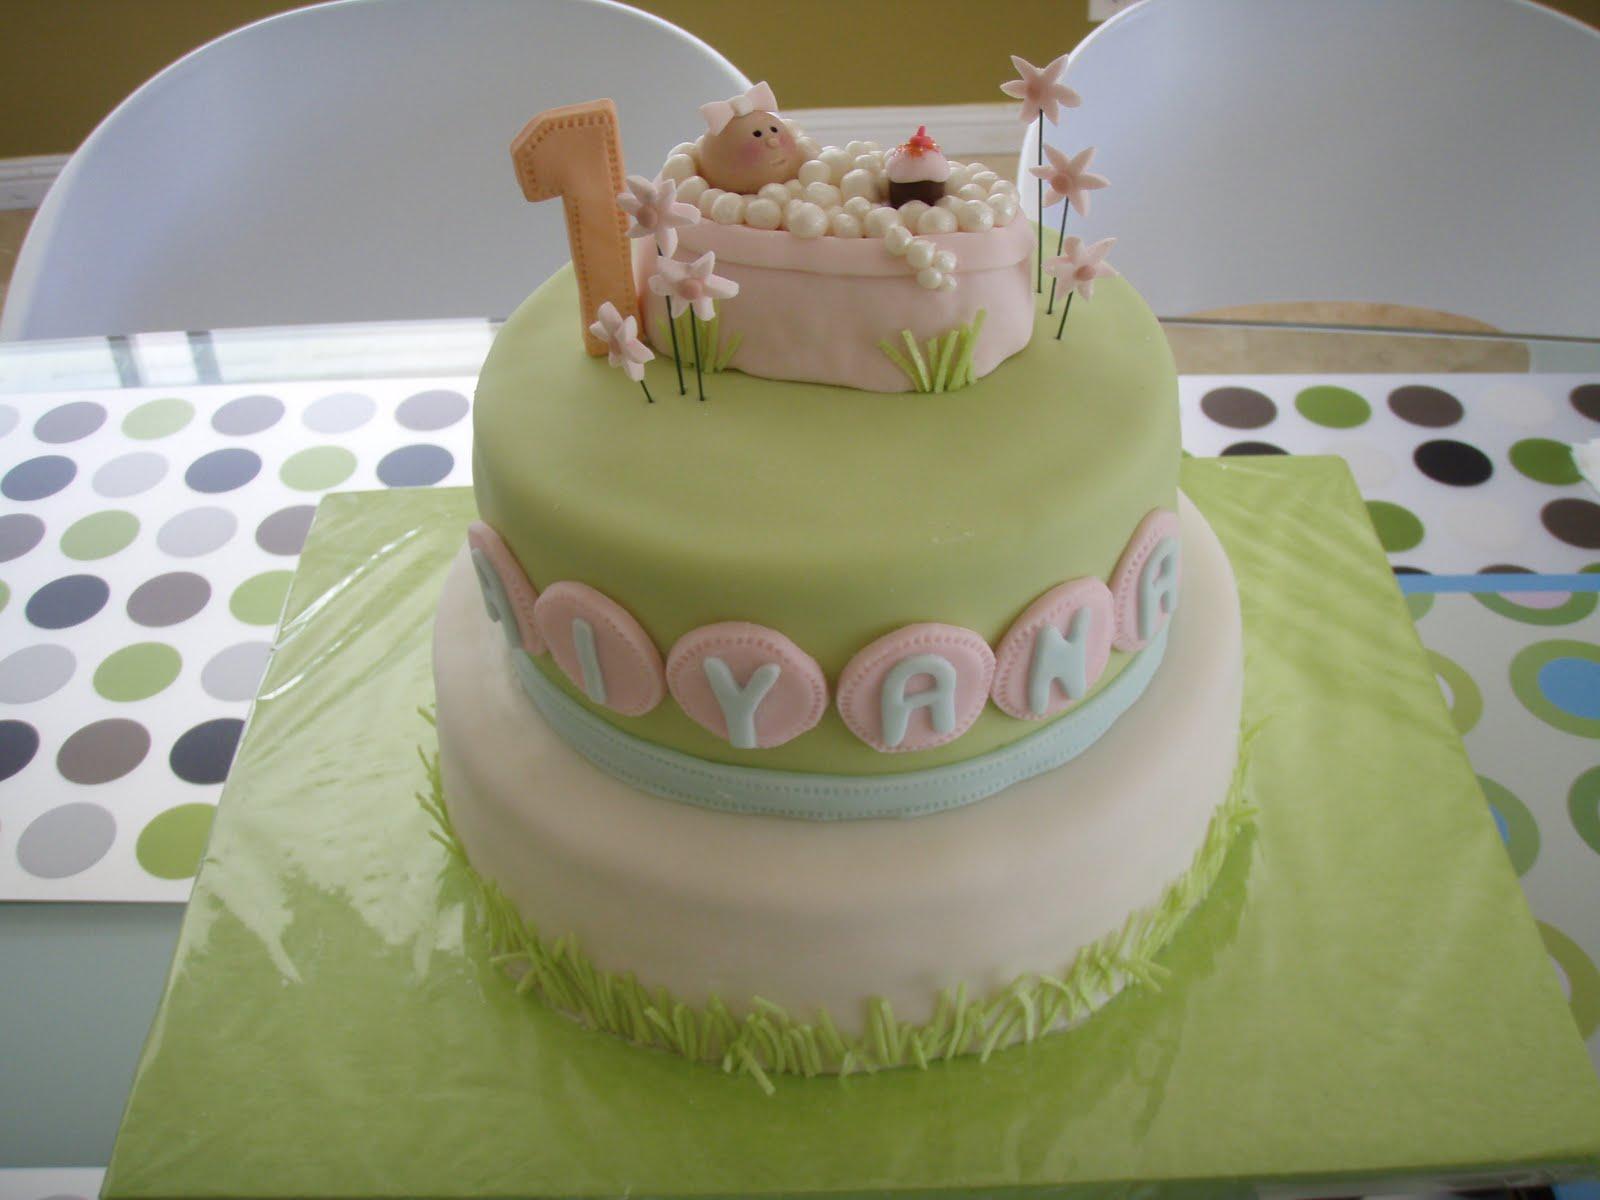 Plarres Birthday Cakes